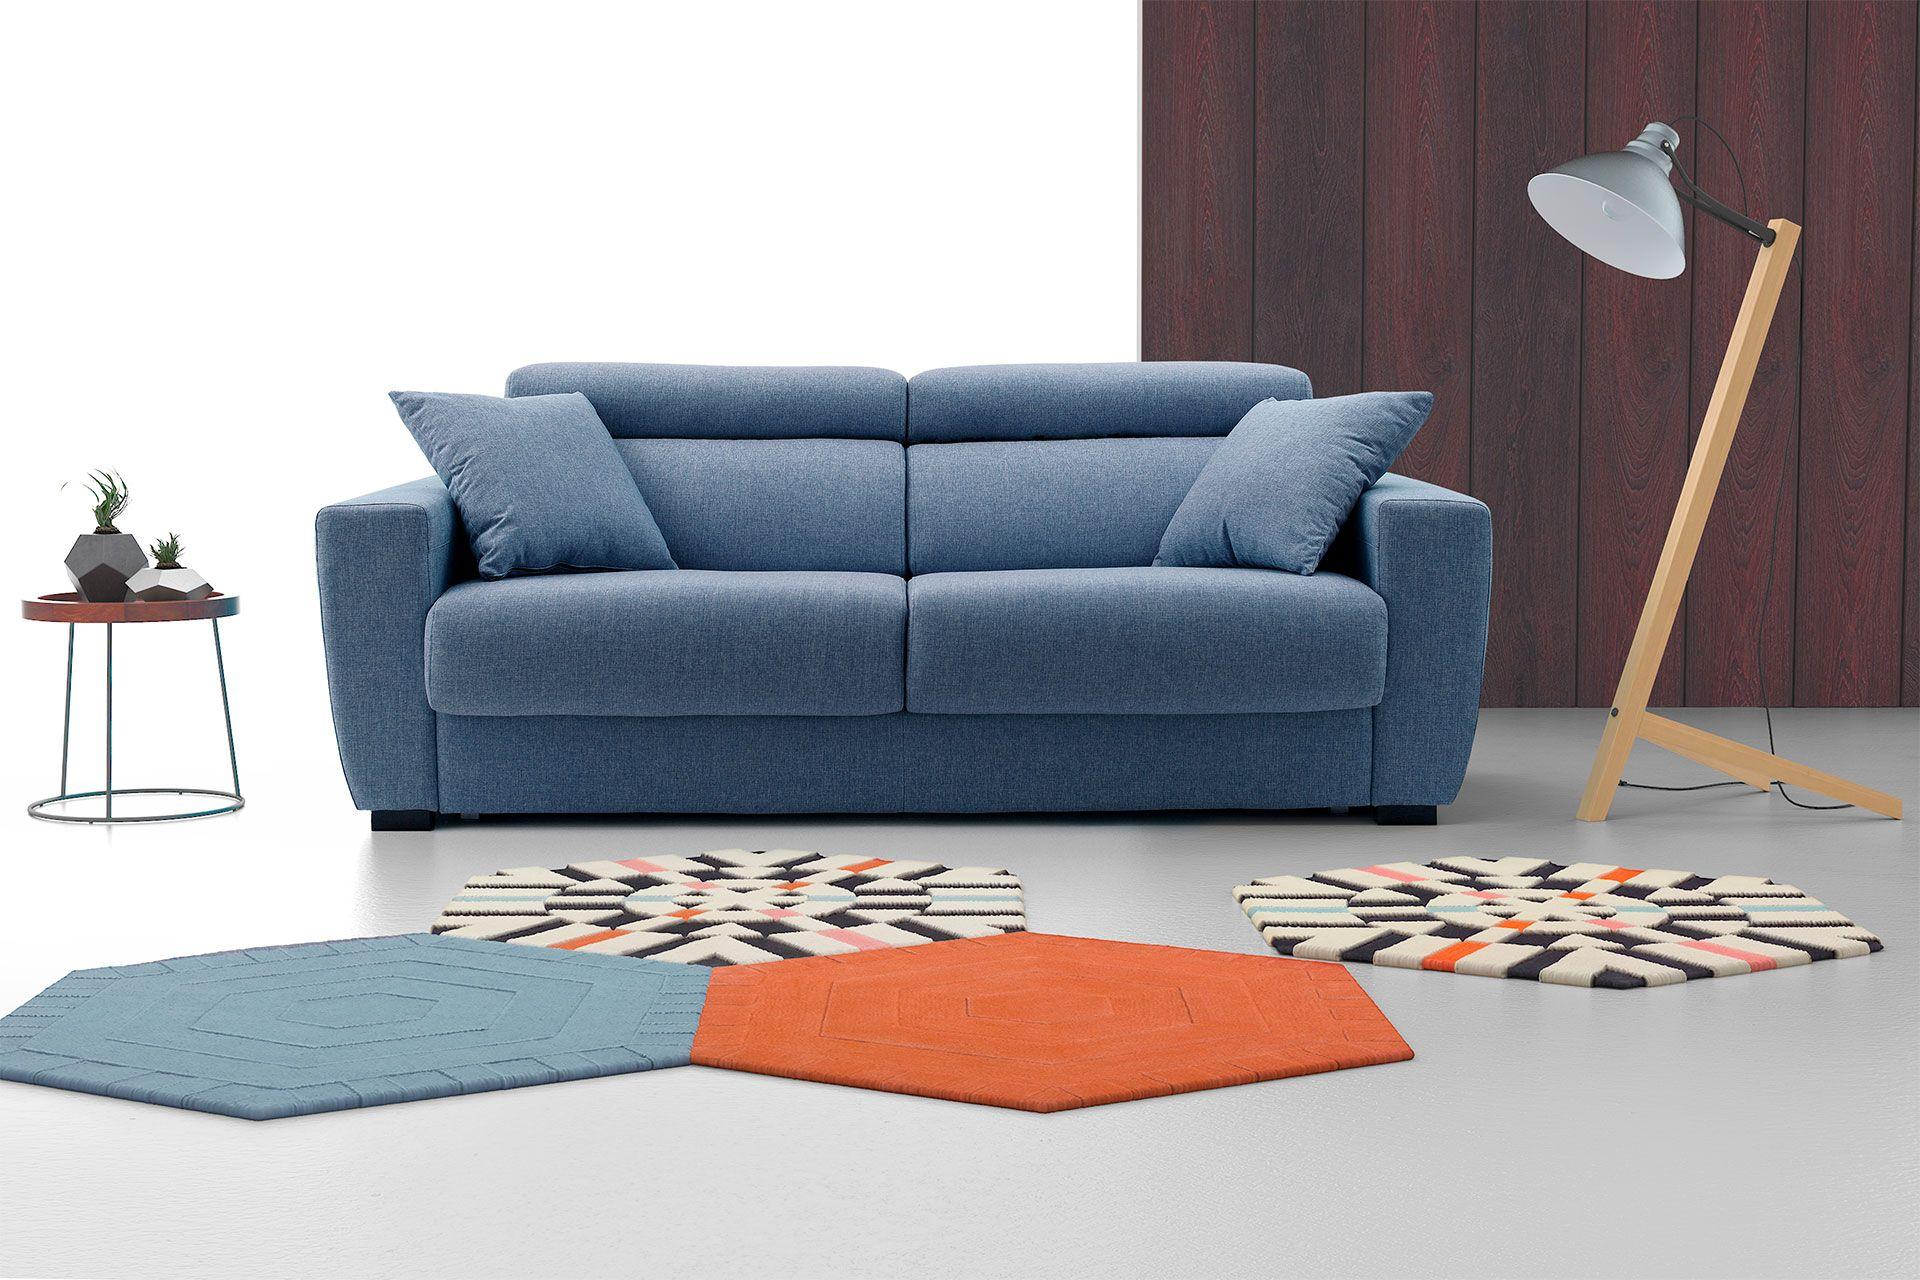 camas 2 plazas, sonpura, camas de dos plazas, colchón muelles, camas de madera maciza, sofa cama italiano, ofertas colchones viscoelásticos, canape abatible barato, chaise longue baratos, sofas chaise longue baratos modernos,